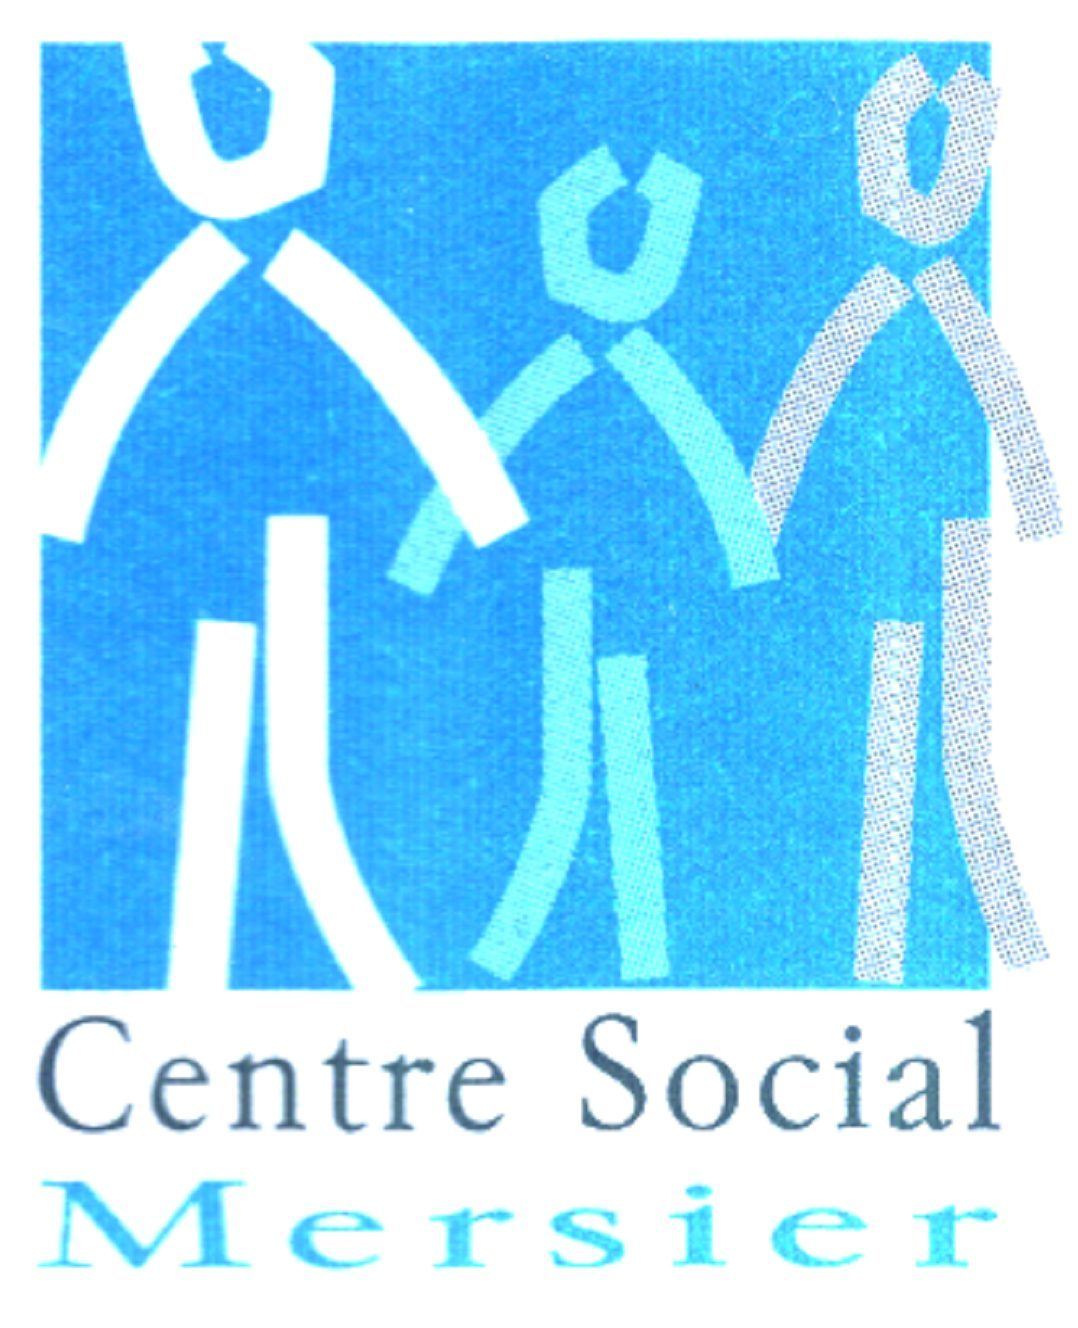 Centre social Marcel Mersier